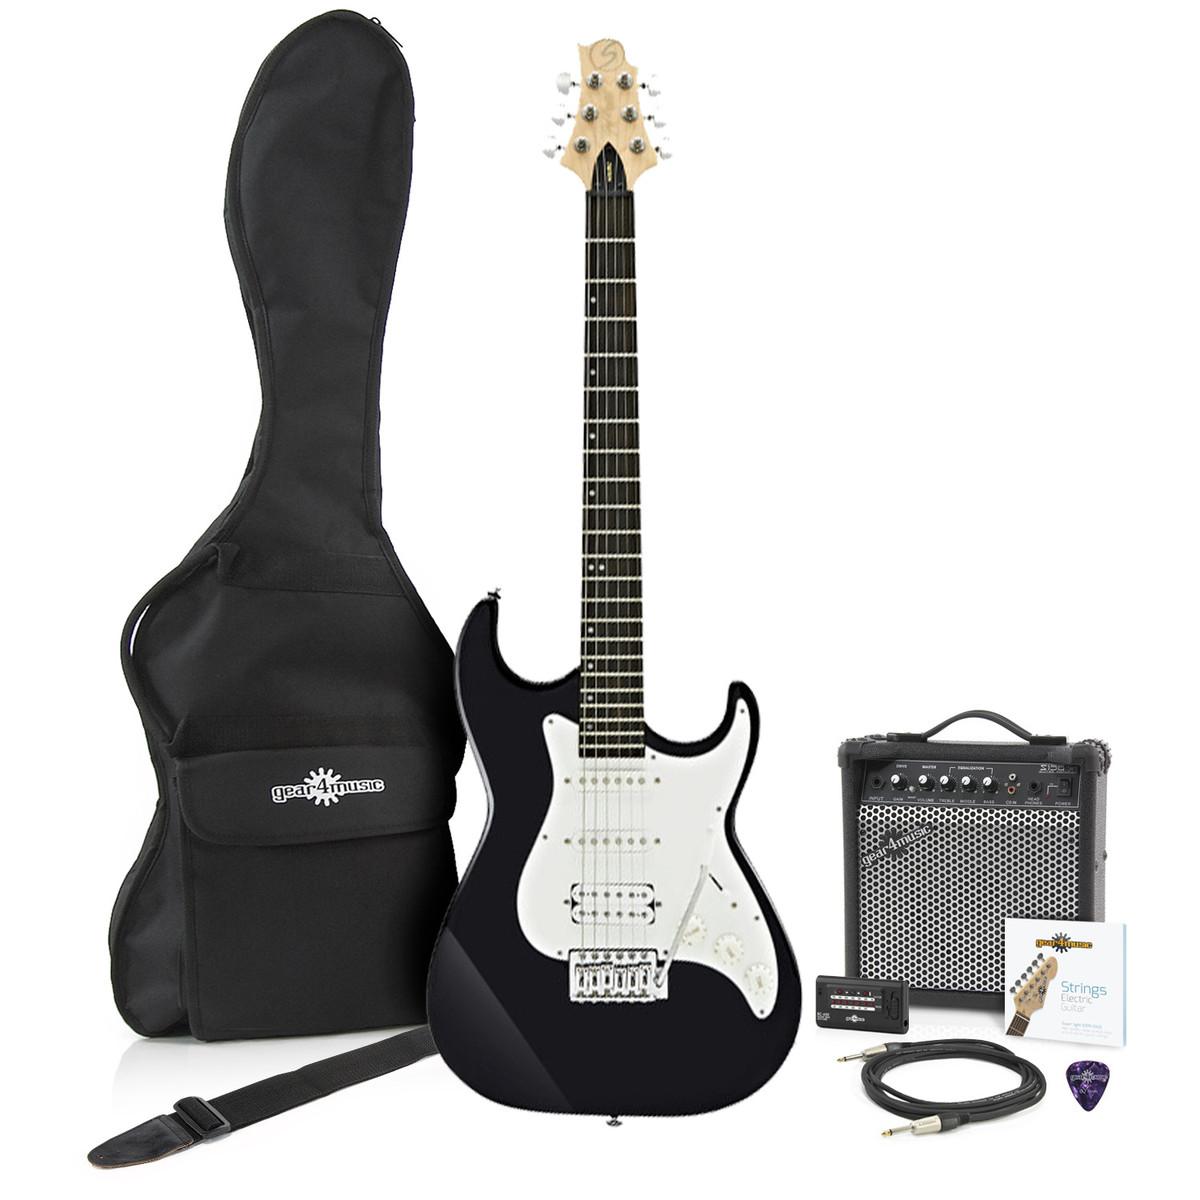 greg bennett malibu mb 2 electric guitar amp pack black at. Black Bedroom Furniture Sets. Home Design Ideas